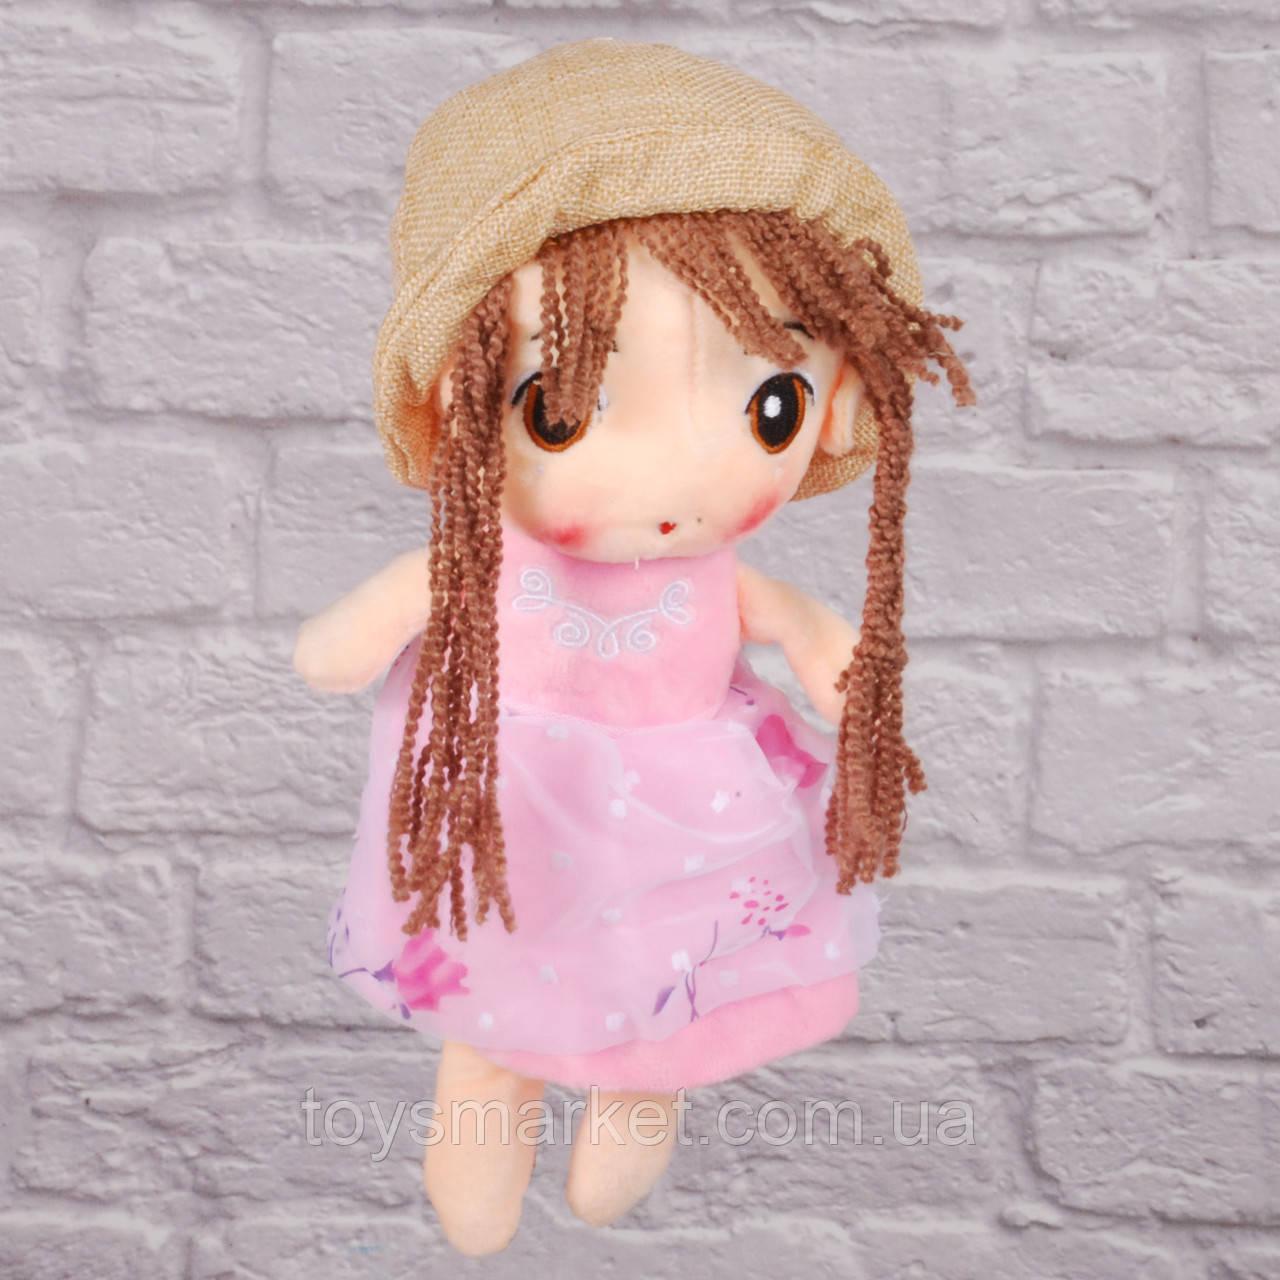 """М'яка лялька """"Сіма"""", плюшева лялька, лялечка, 28 см"""